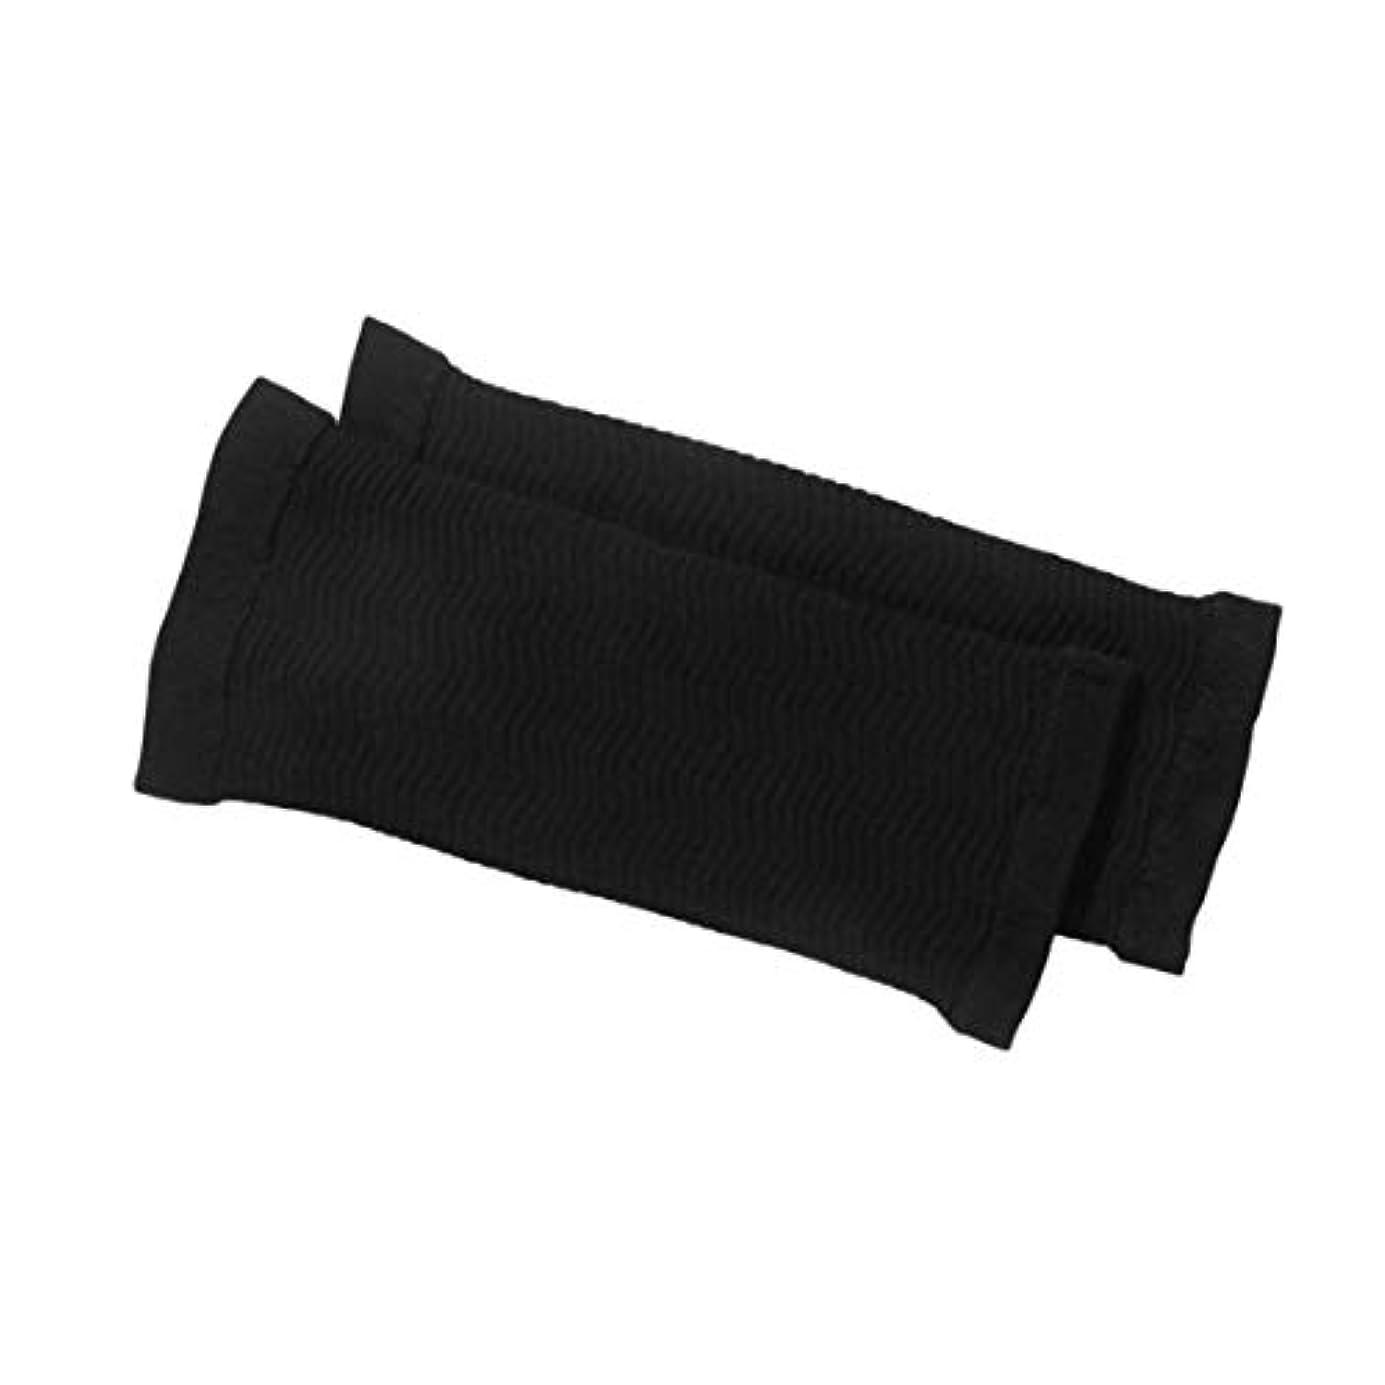 添加剤あらゆる種類の手伝う1ペア420 D圧縮痩身アームスリーブワークアウトトーニングバーンセルライトシェイパー脂肪燃焼袖用女性 - 黒